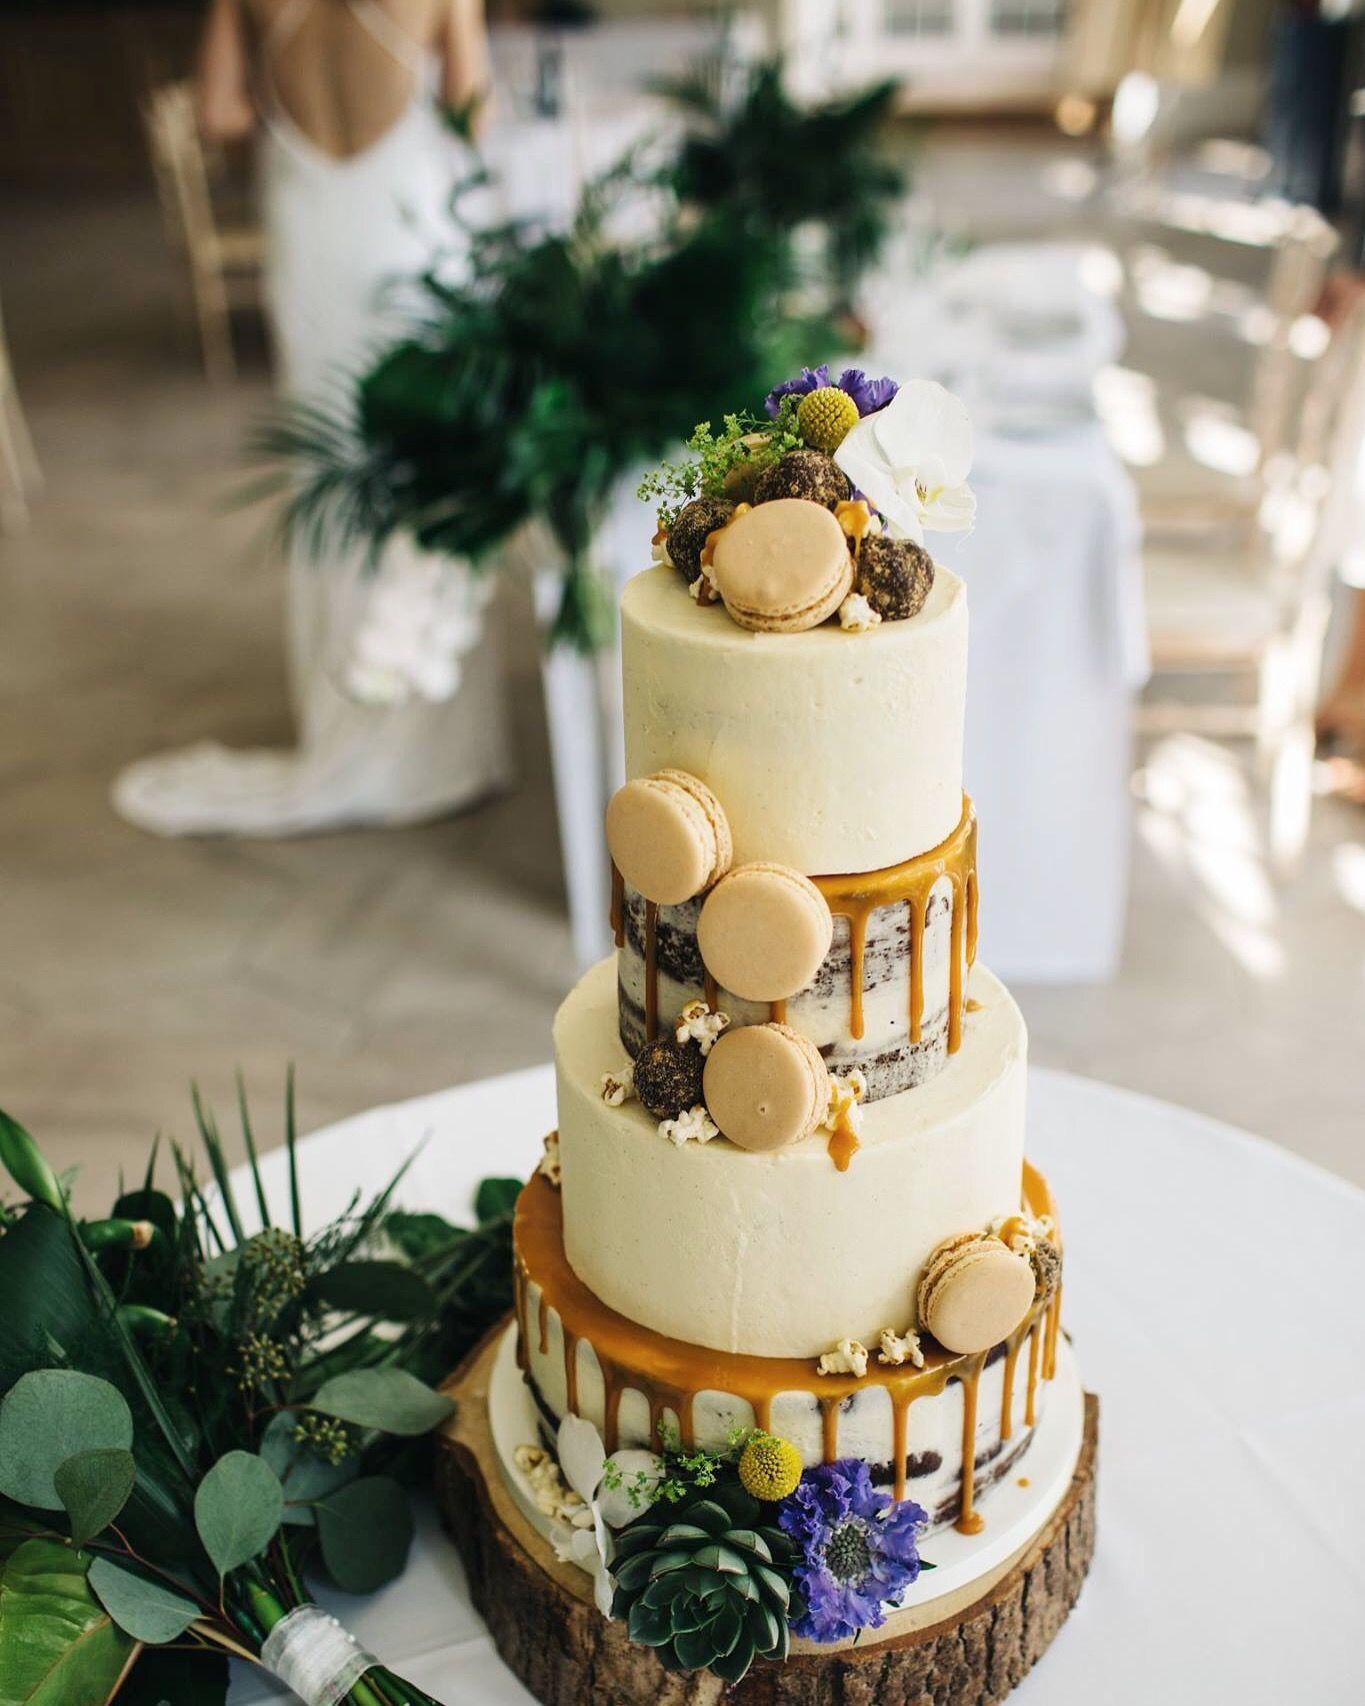 Home Celebration cakes, Cake, Wedding cakes